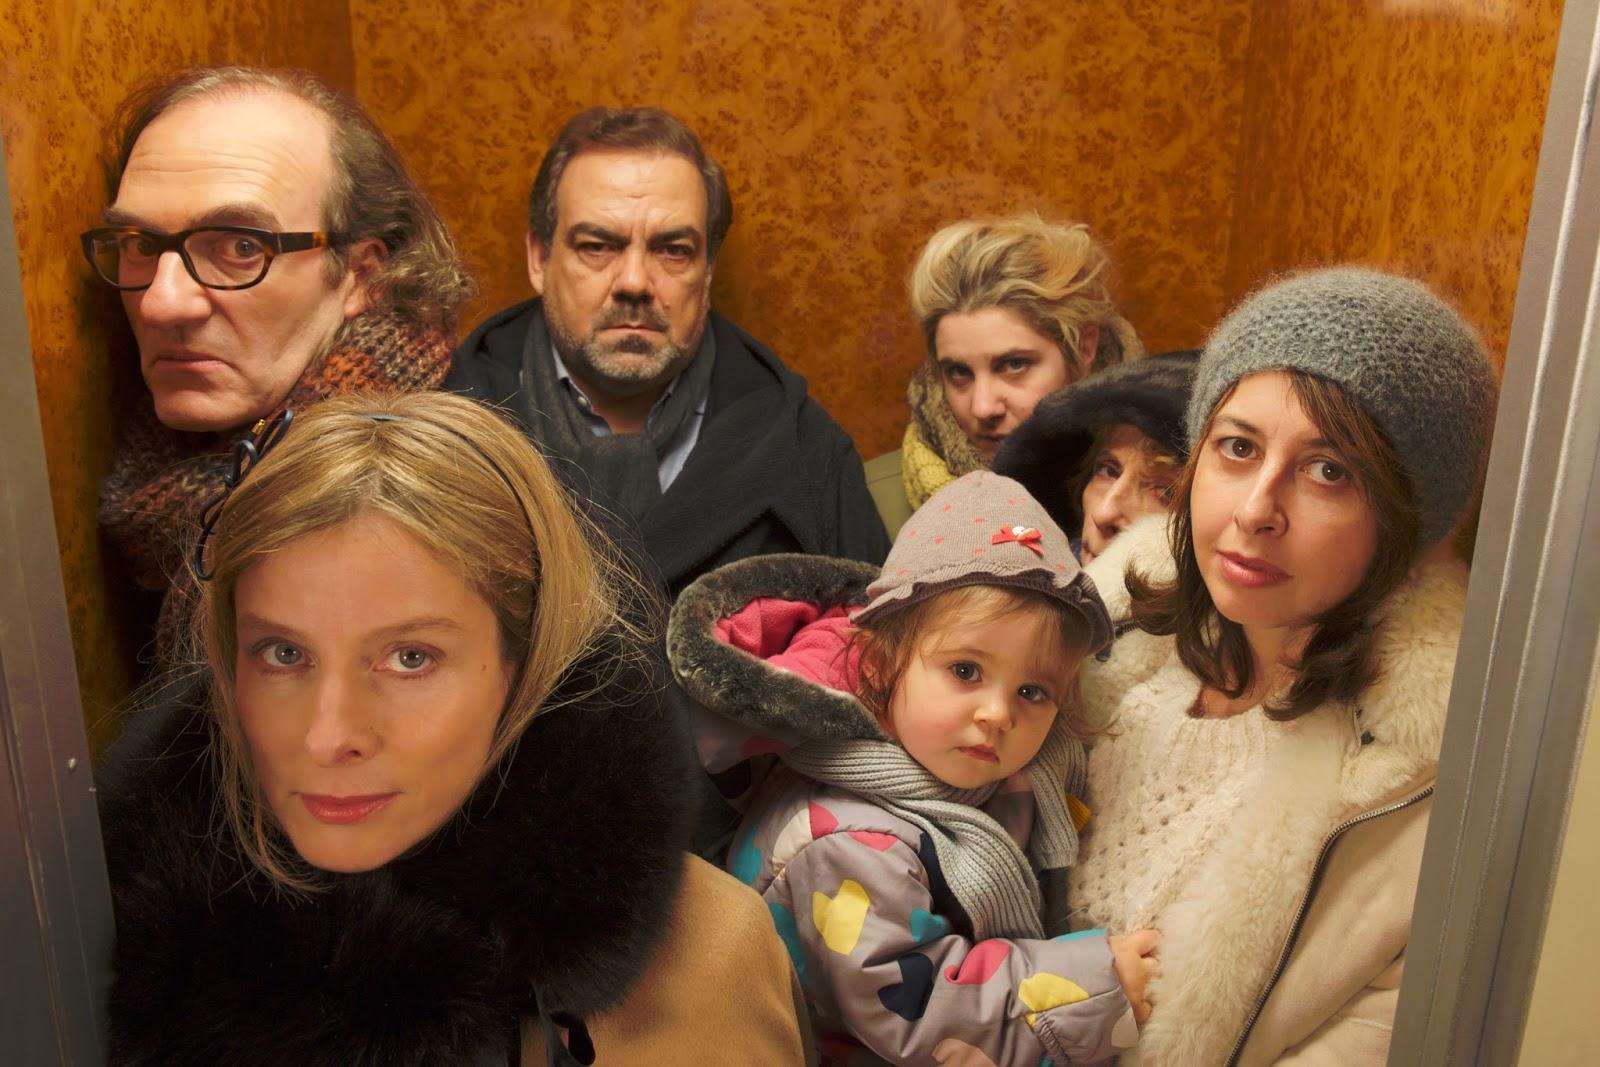 Französischer Kinofilm